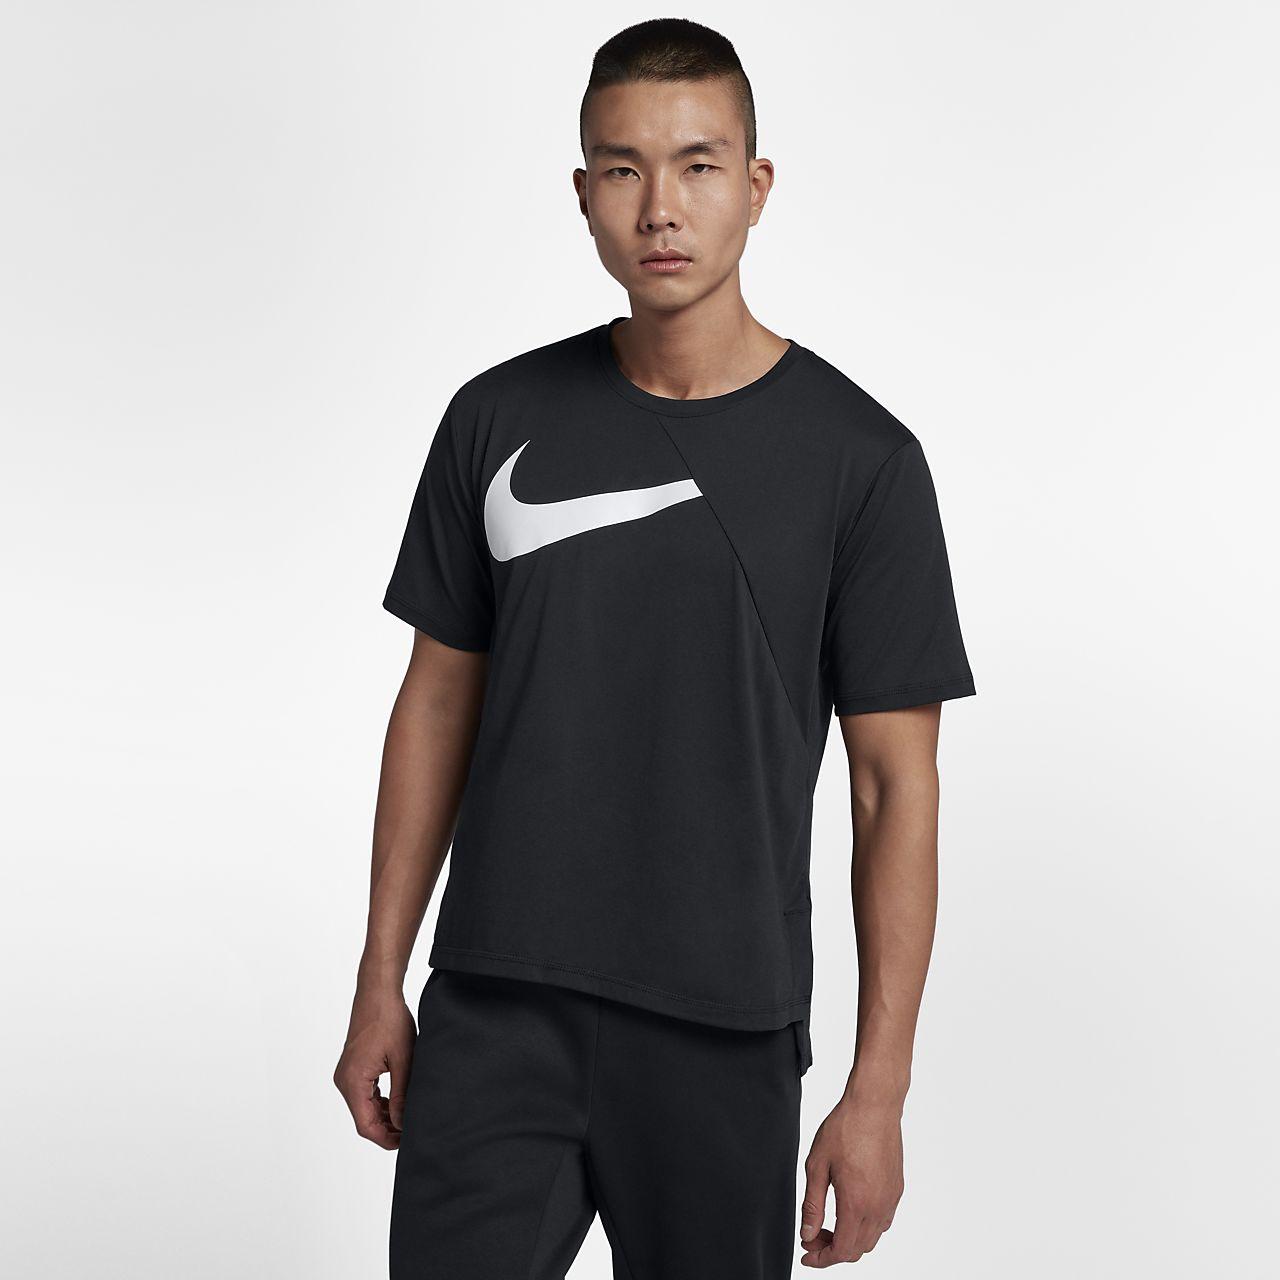 636ce2eee478f Maglia da training a manica corta Nike Dri-FIT Modern - Uomo. Nike ...